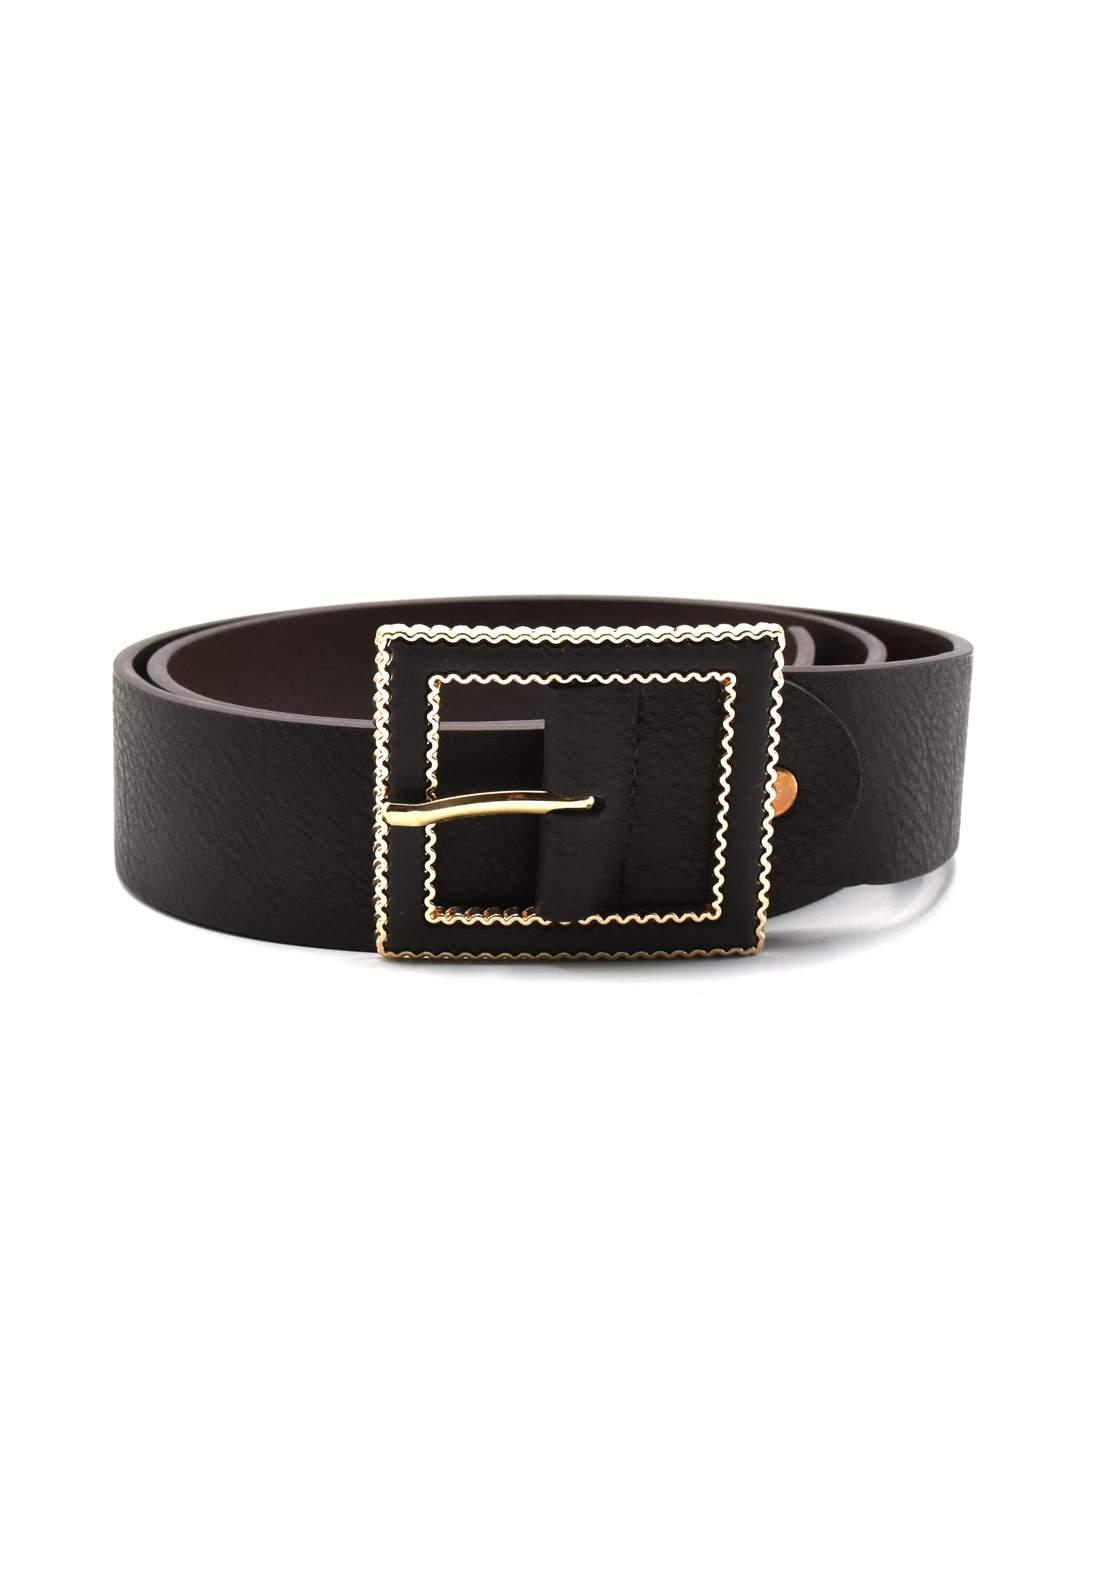 حزام نسائي جلد أسود اللون بأبزيم ذهبي 116 سم